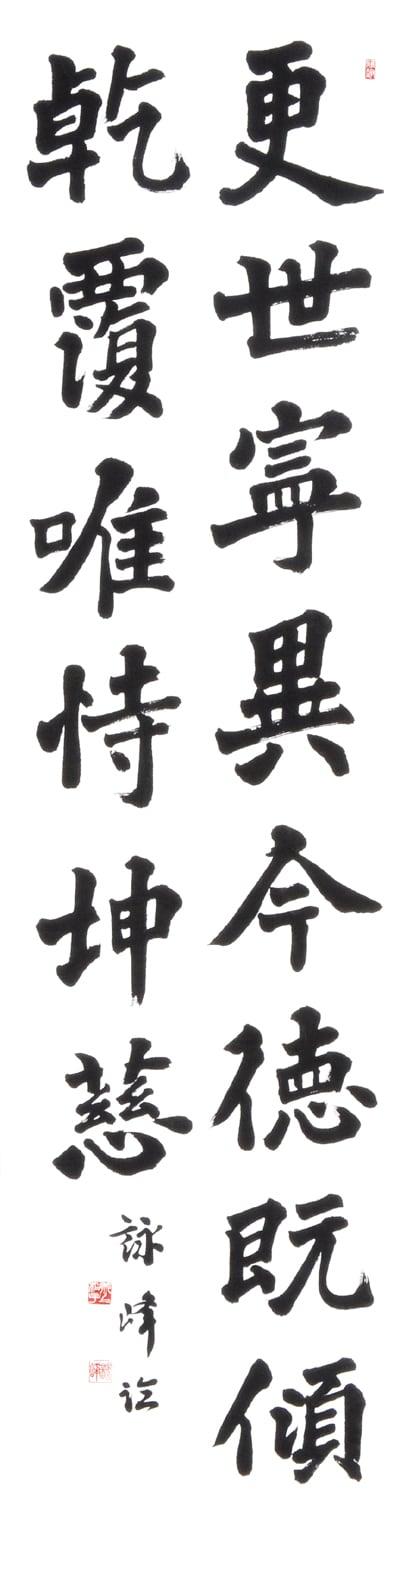 井上詠峰2019全書芸展作品画像